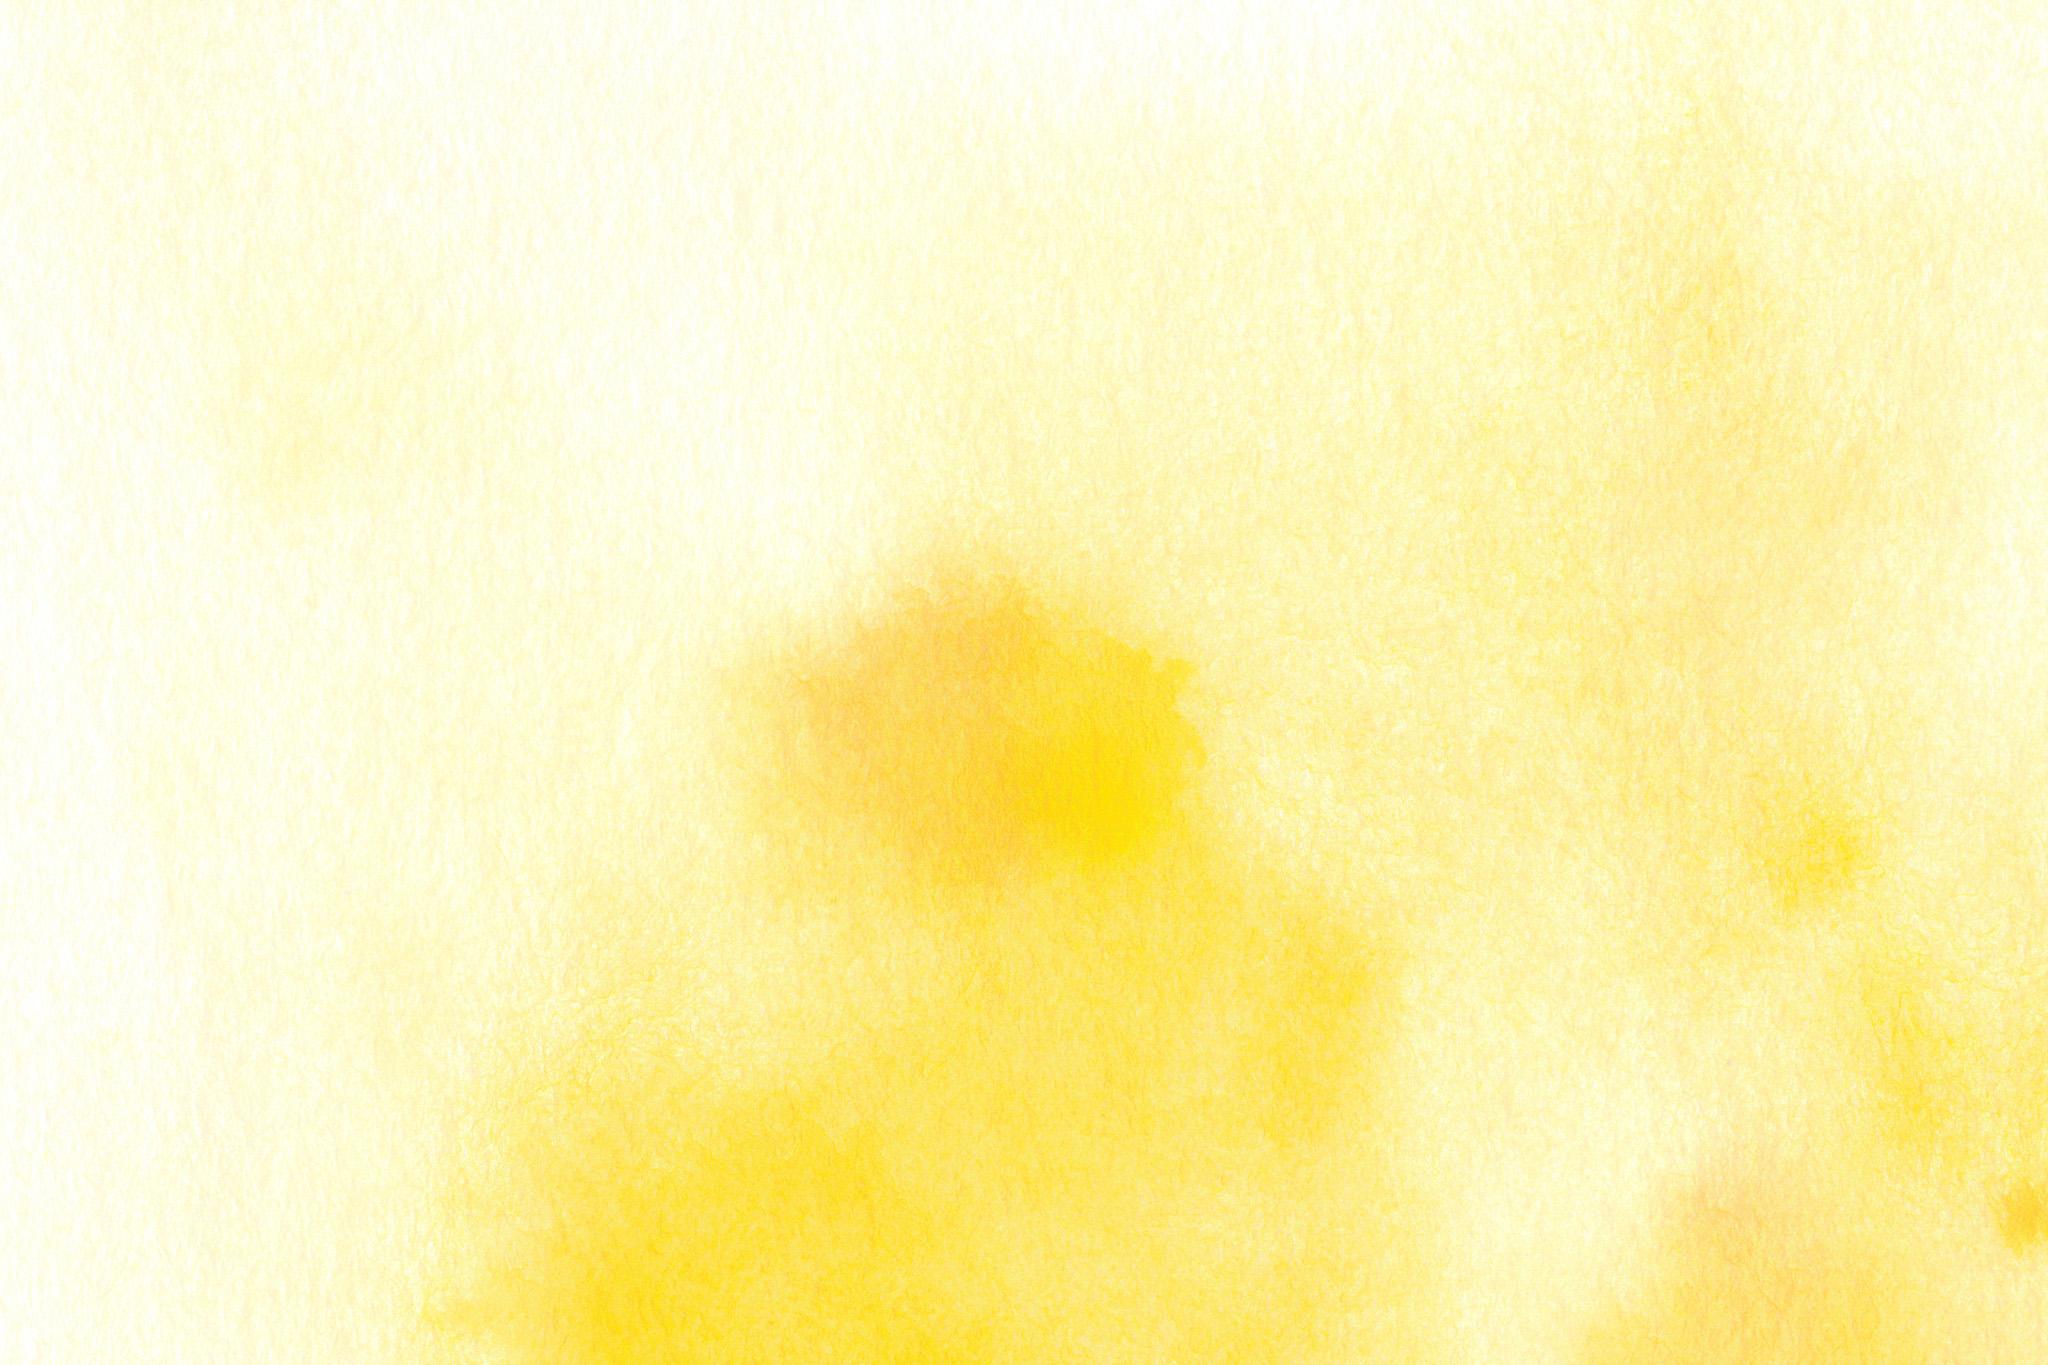 「クロムイエローのぼかし背景」